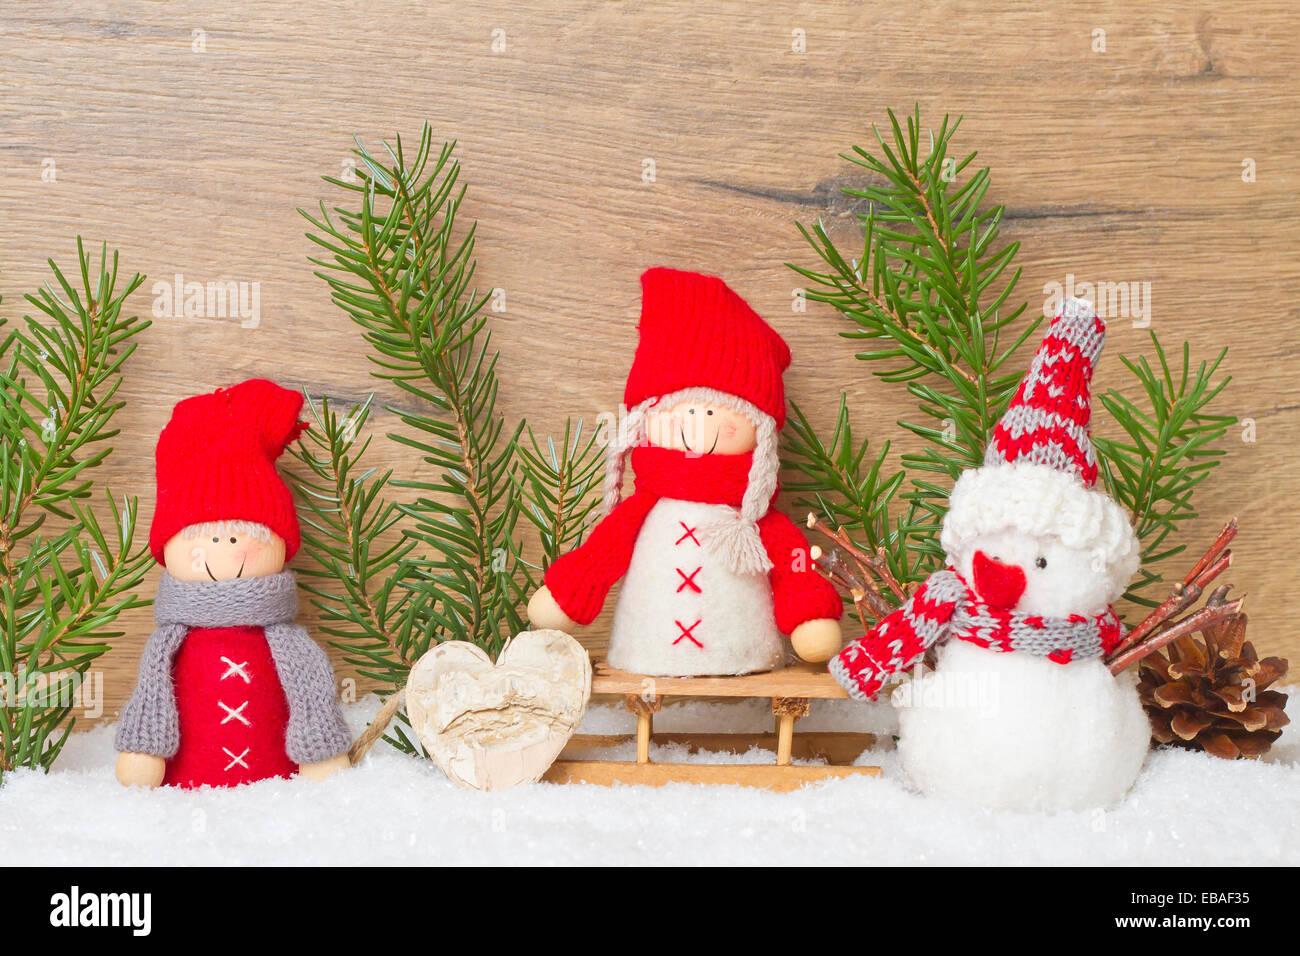 Immagini Carine Natale.Felice Natale Carta Con Figure Carine Foto Immagine Stock